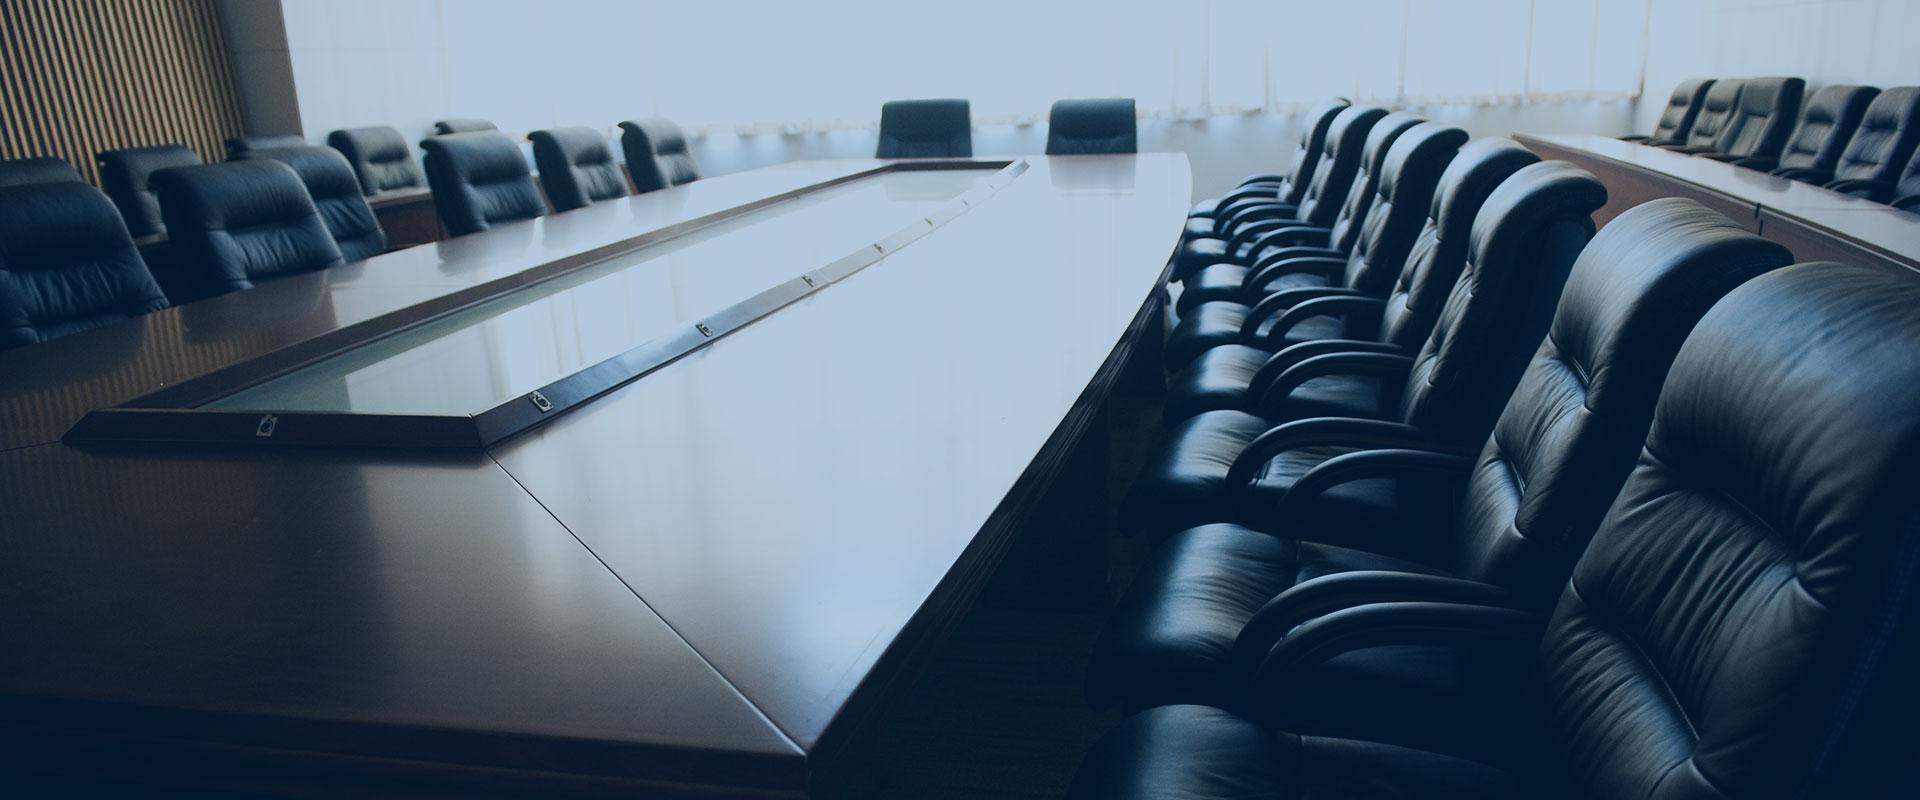 Capa banner-01.jpg - Seguro de Resp. Civil de Executivos (D&O)